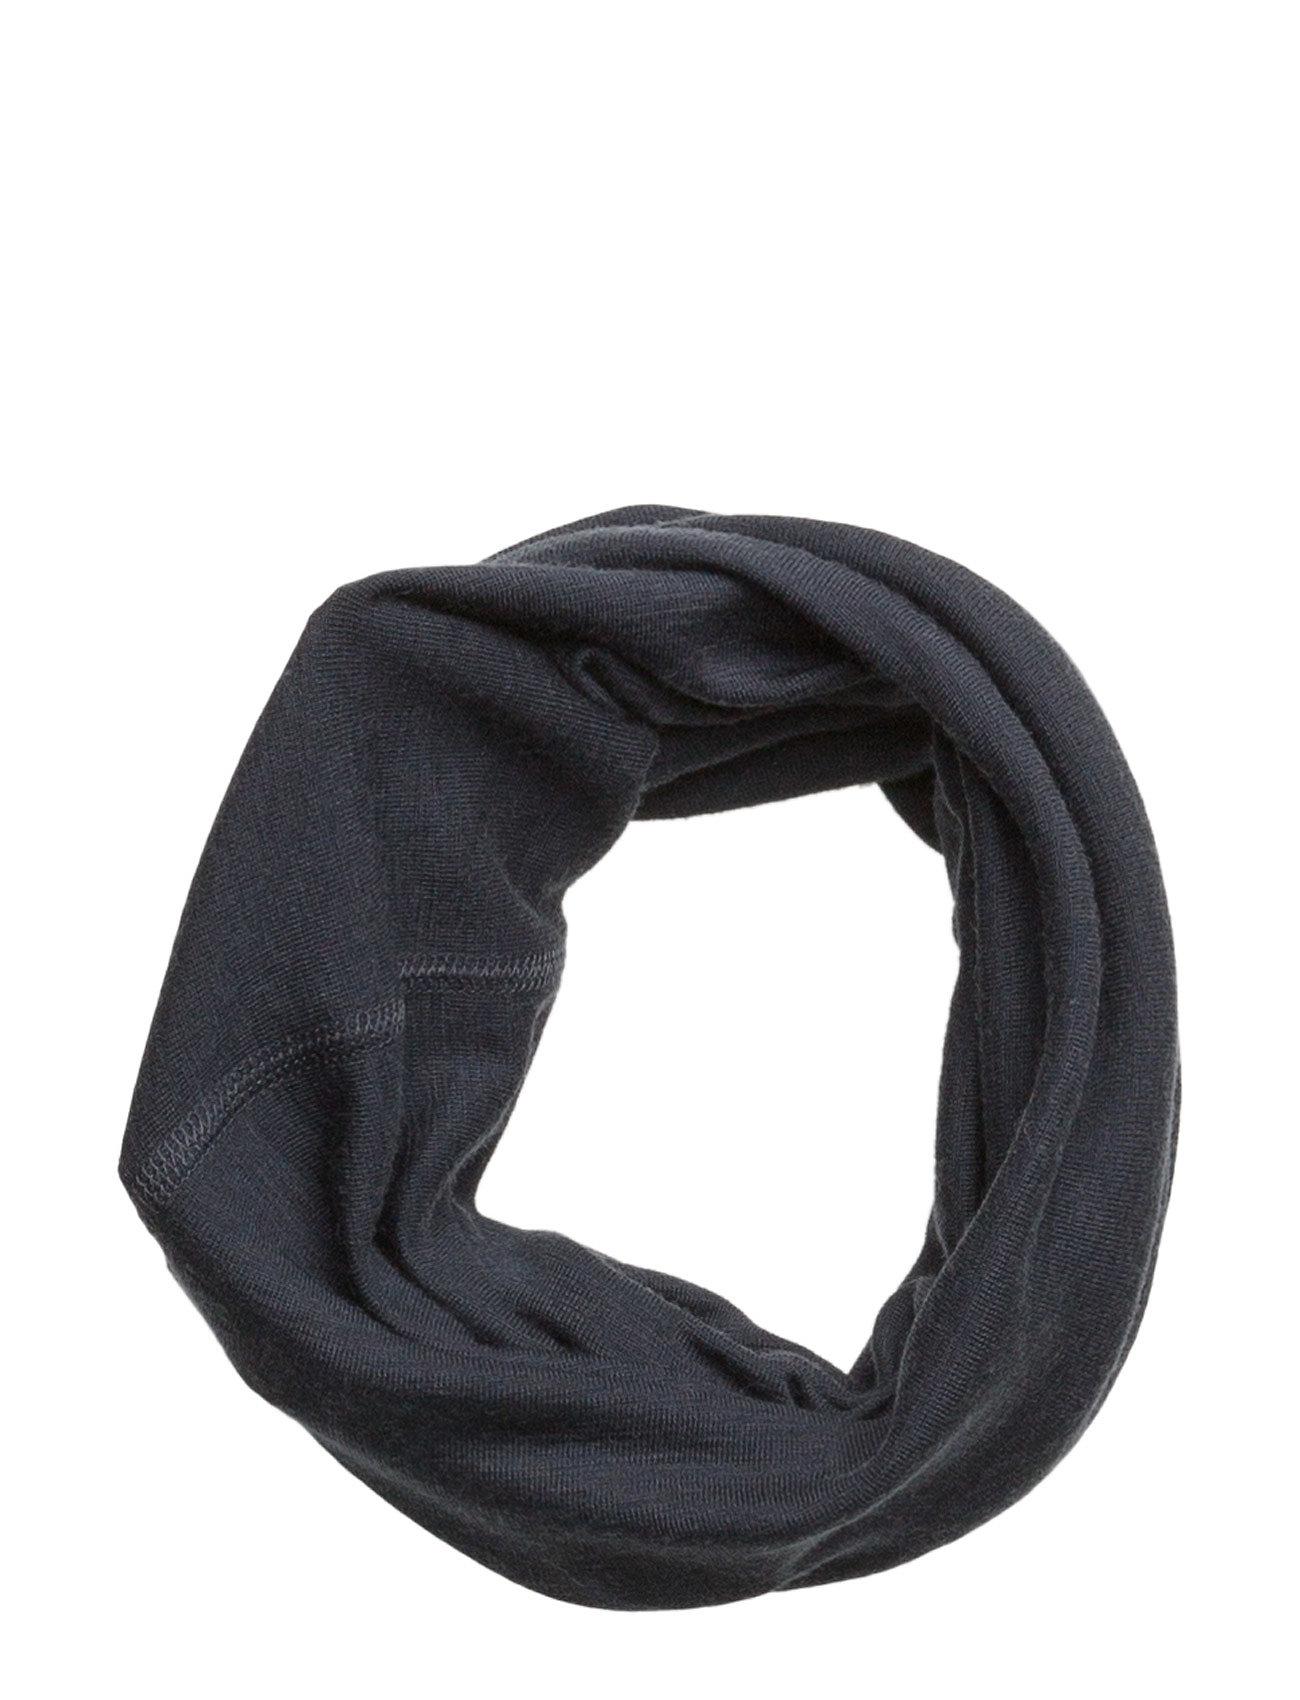 Wolly Tube Aw17 Hummel Halstørklæder til Børn i